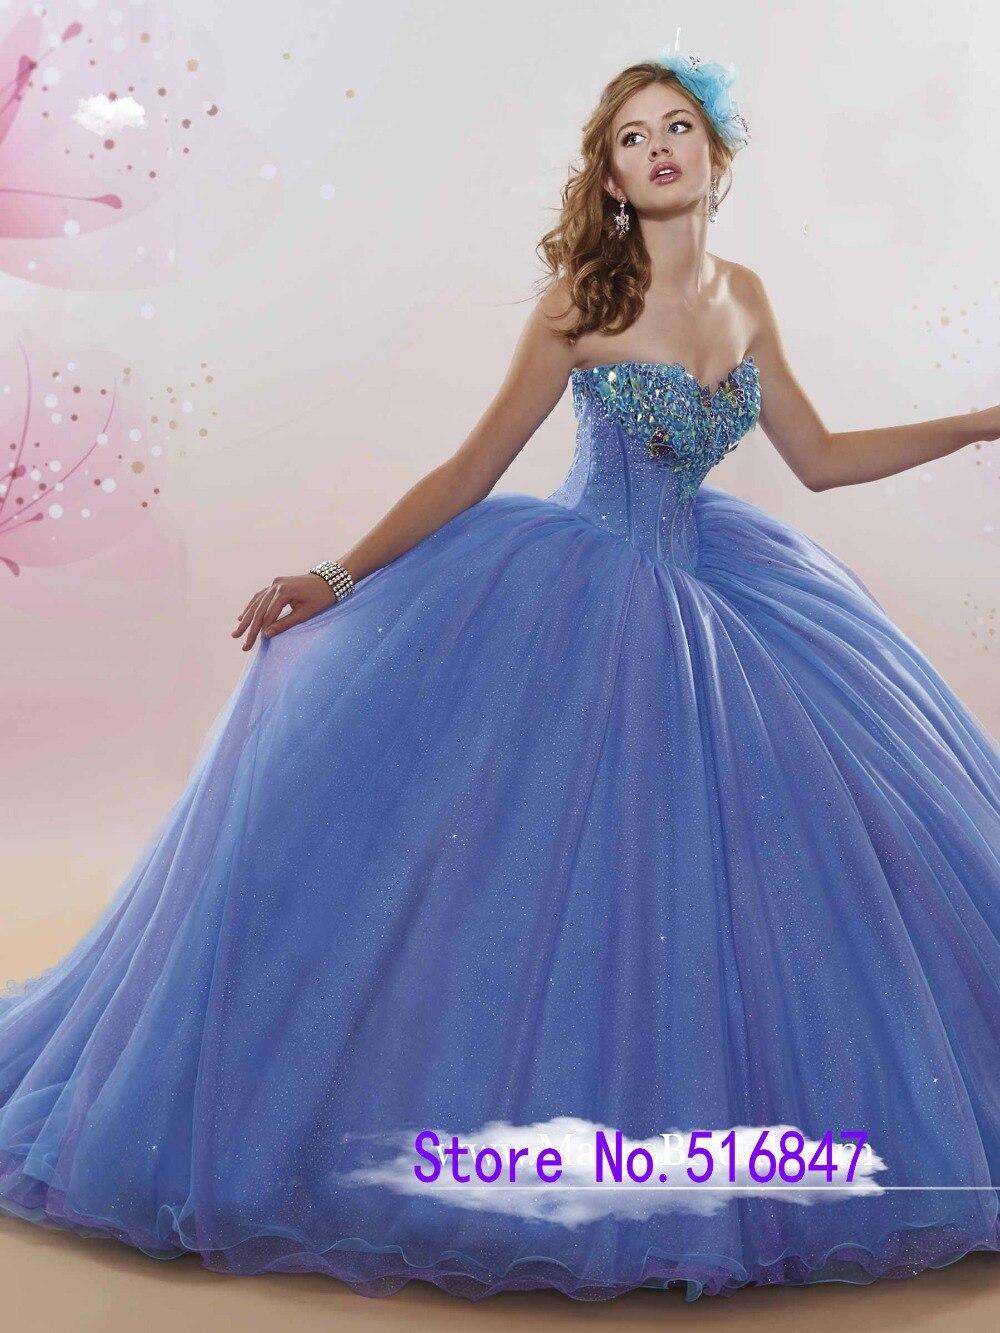 Tolle Sweet 16 Partykleid Zeitgenössisch - Hochzeit Kleid Stile ...